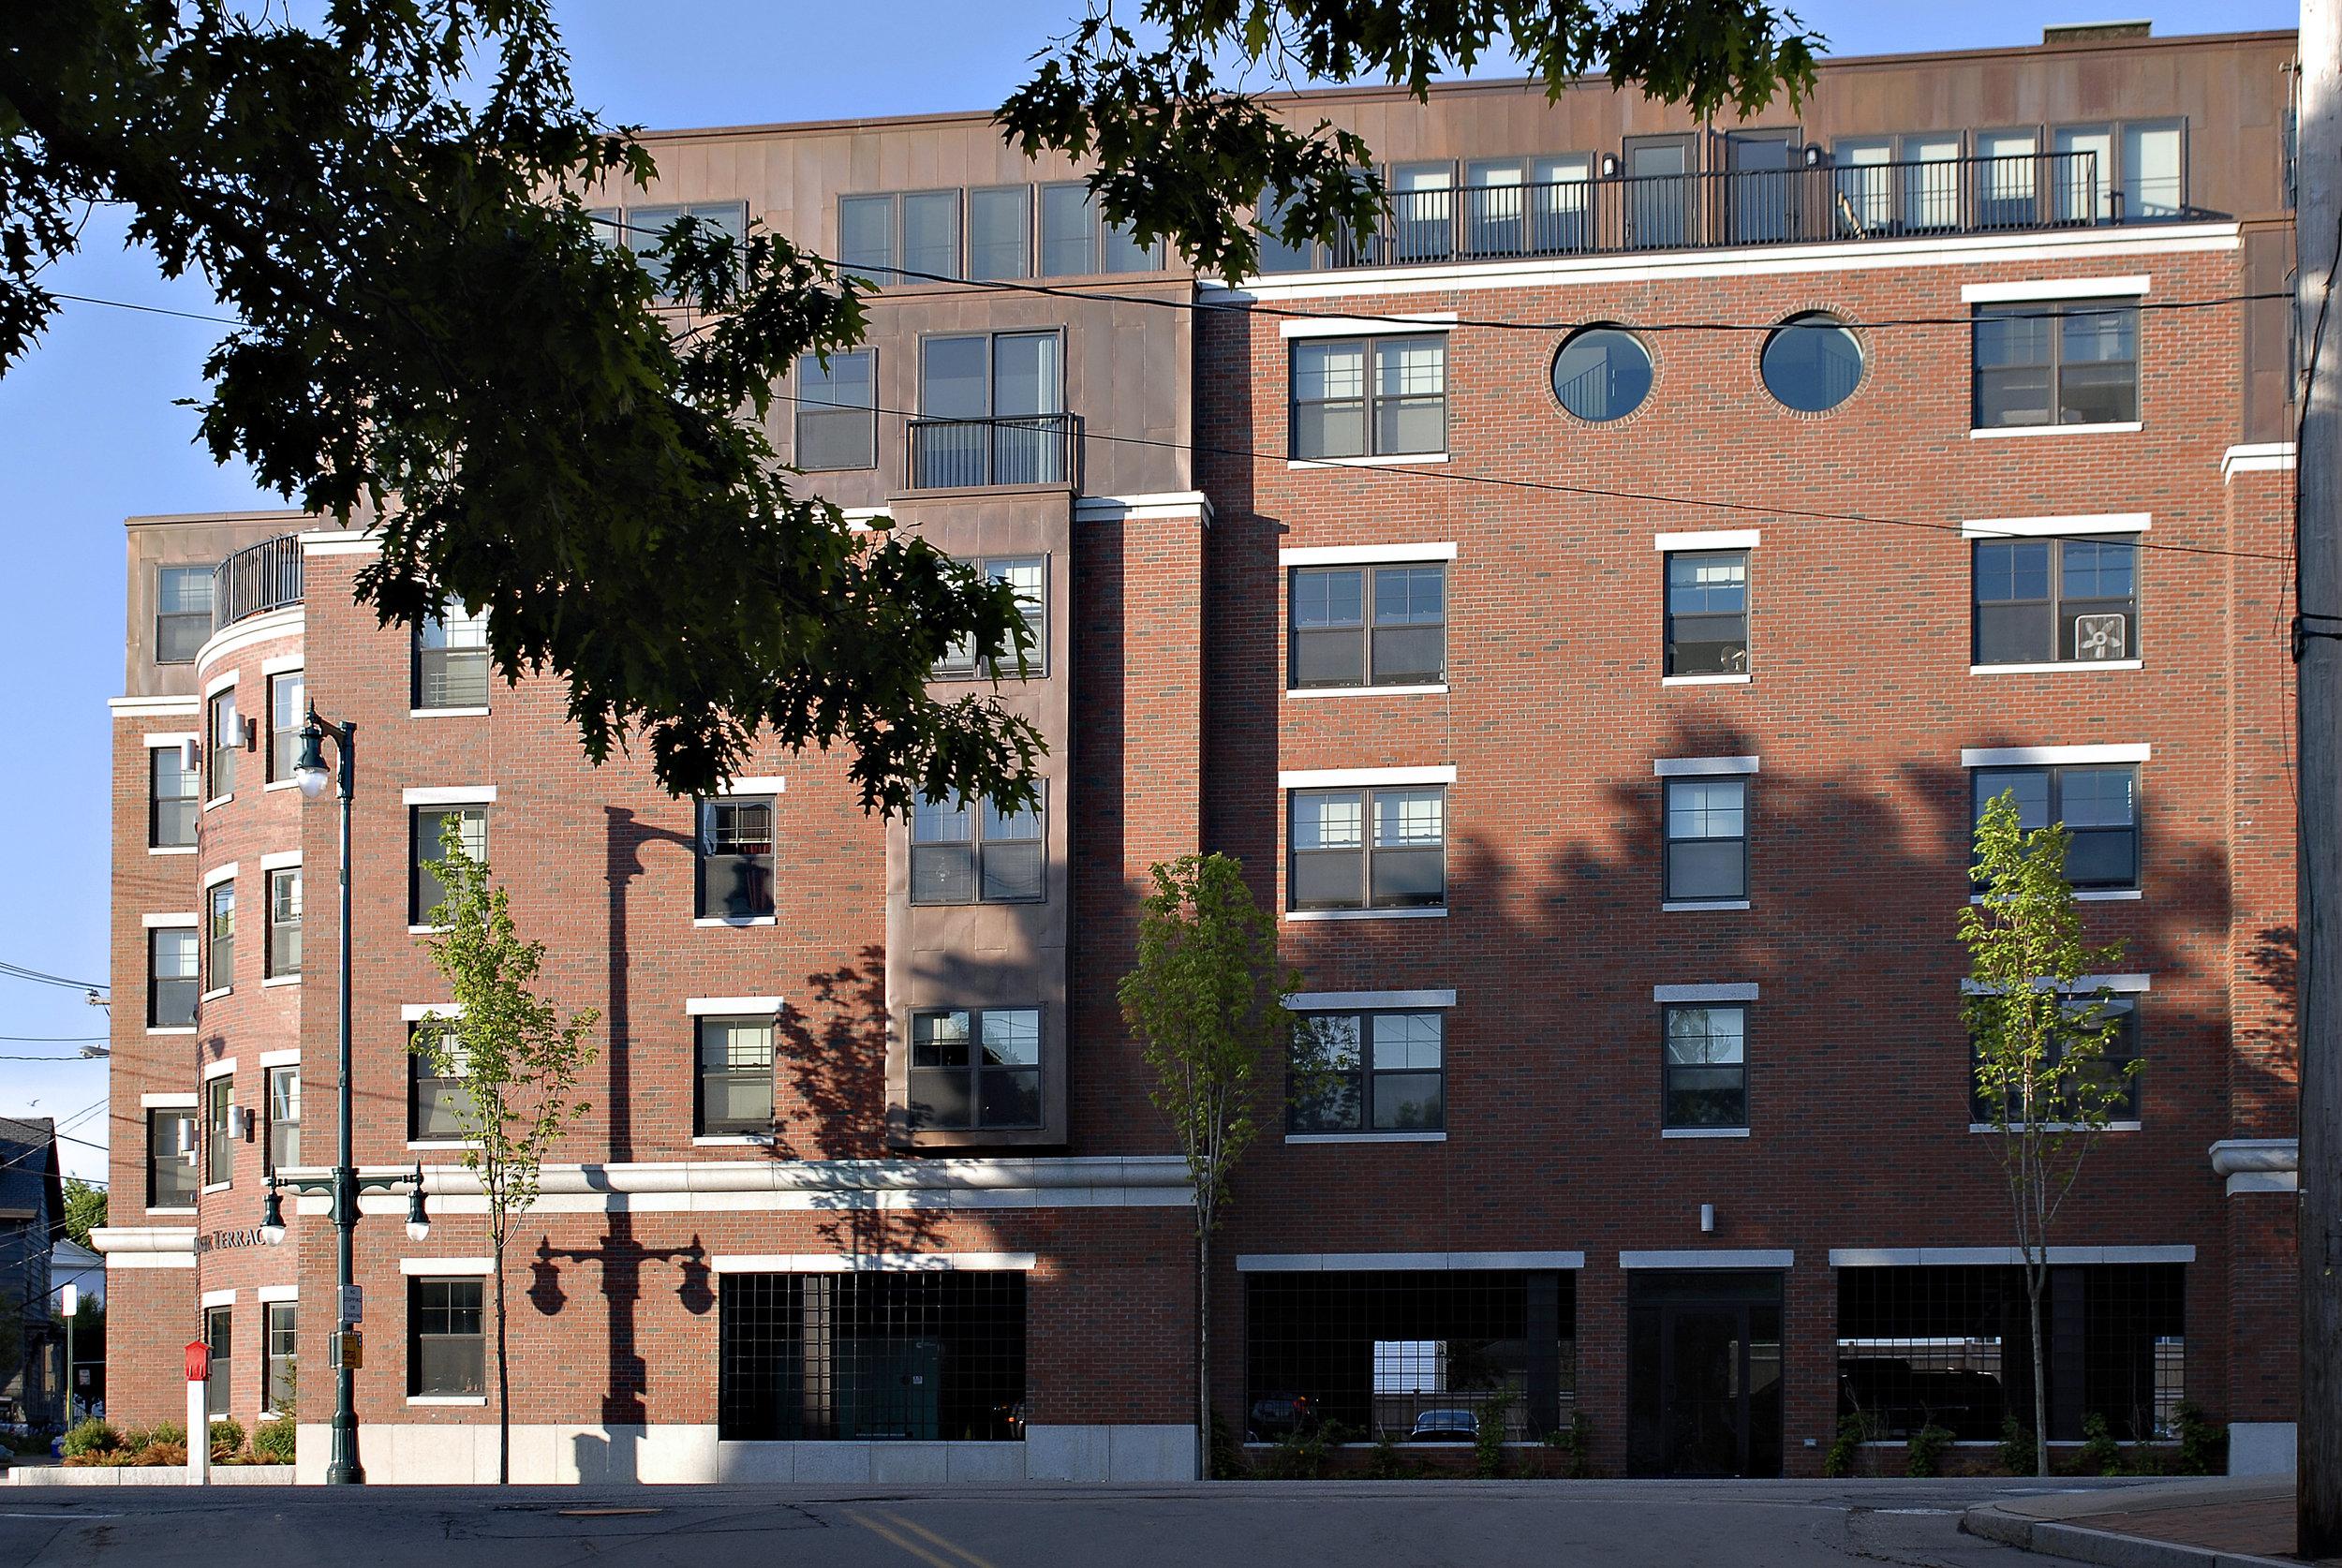 01 - Walker Terrace.jpg